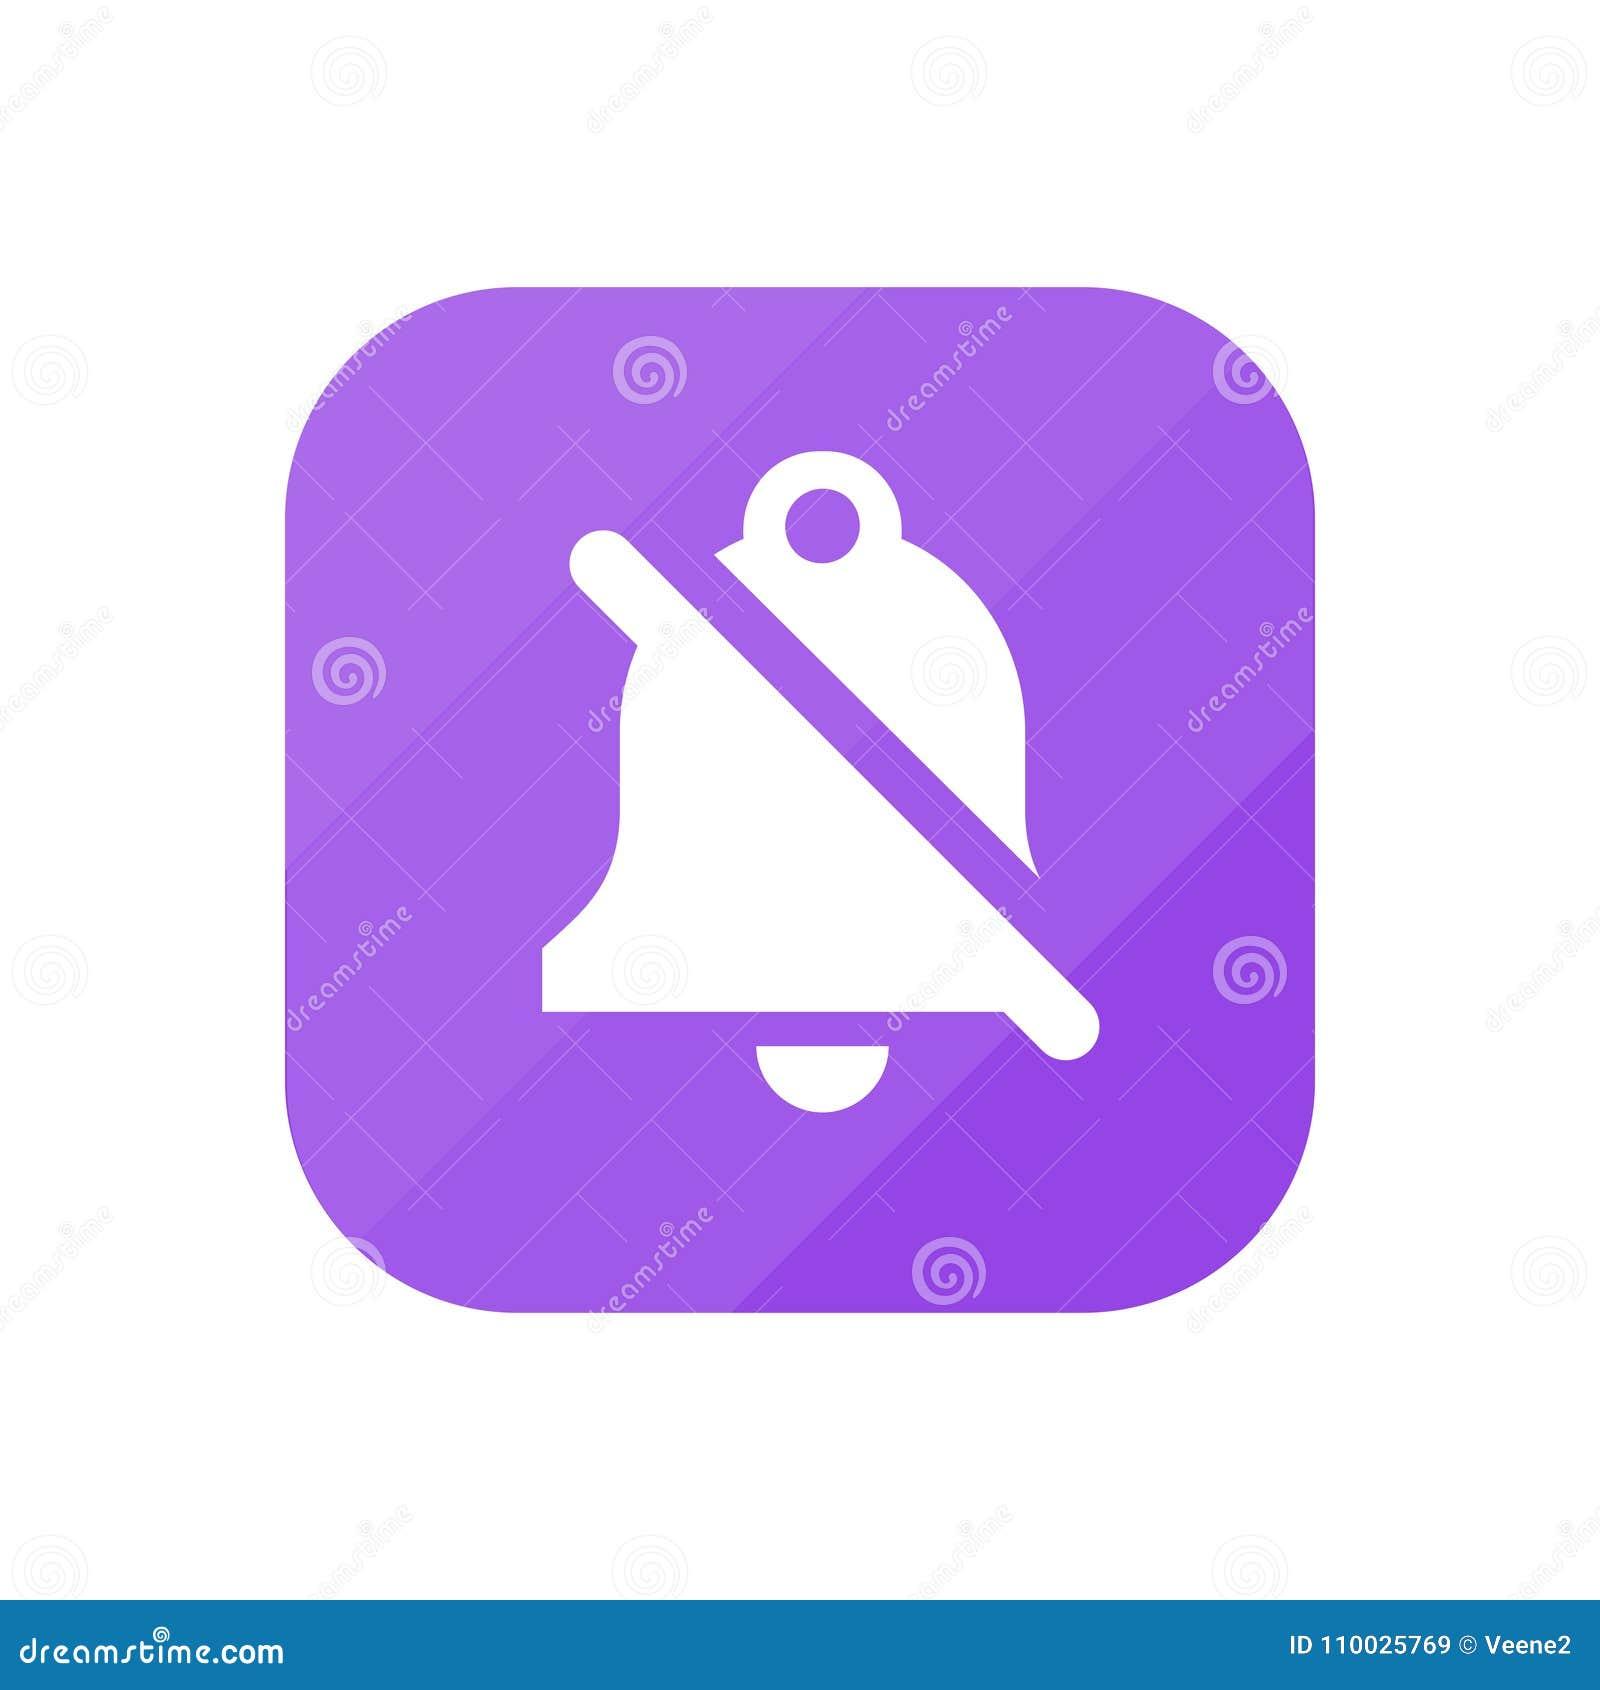 Stod Bericht - App Pictogram